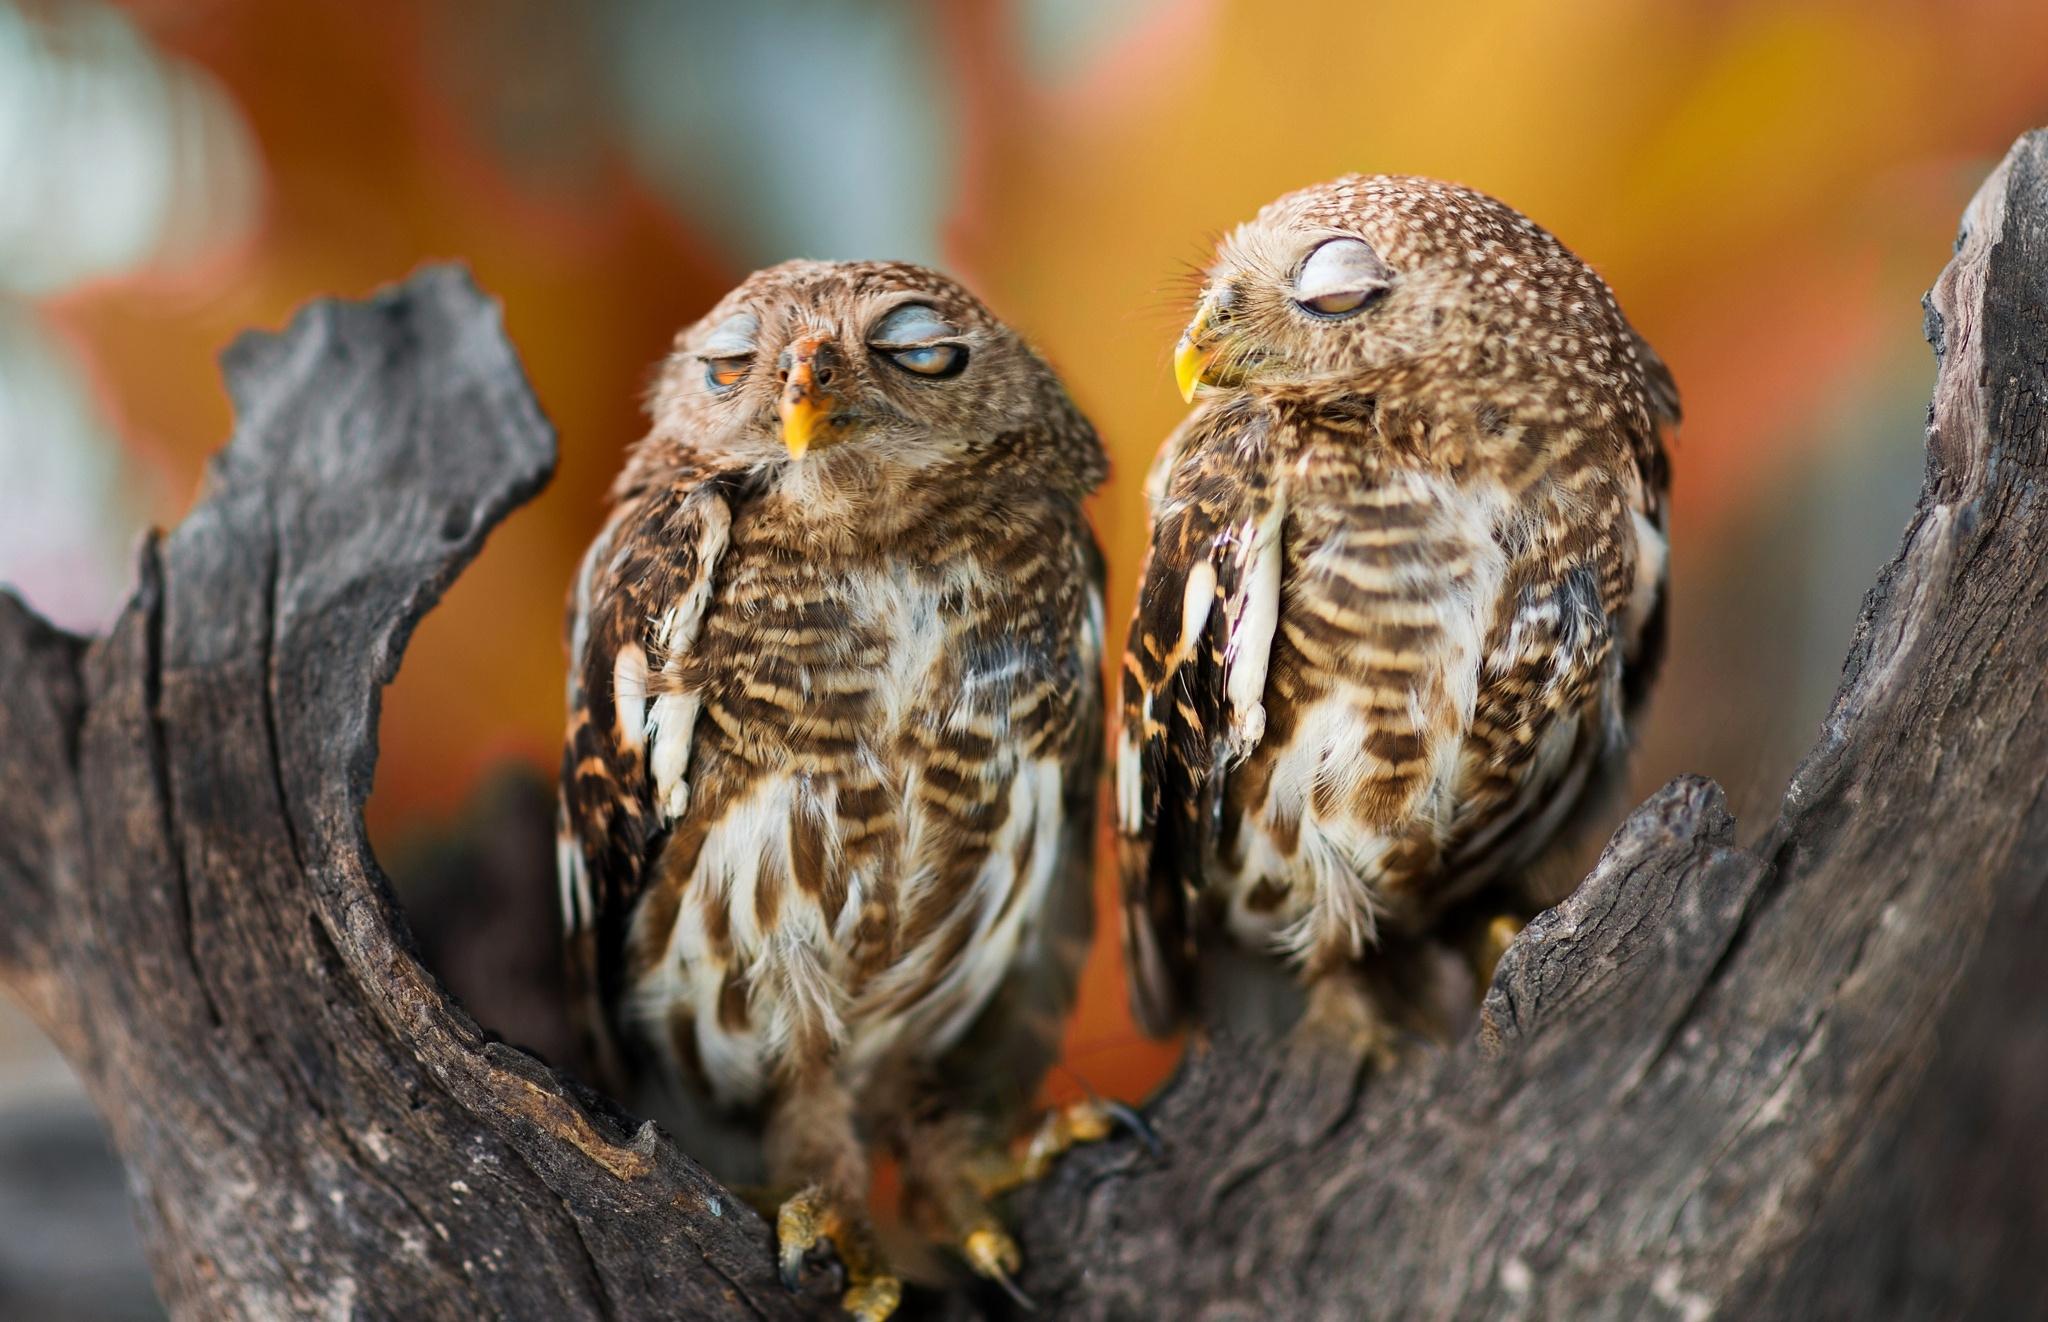 соблюдением уставшие птицы картинка для прогноз